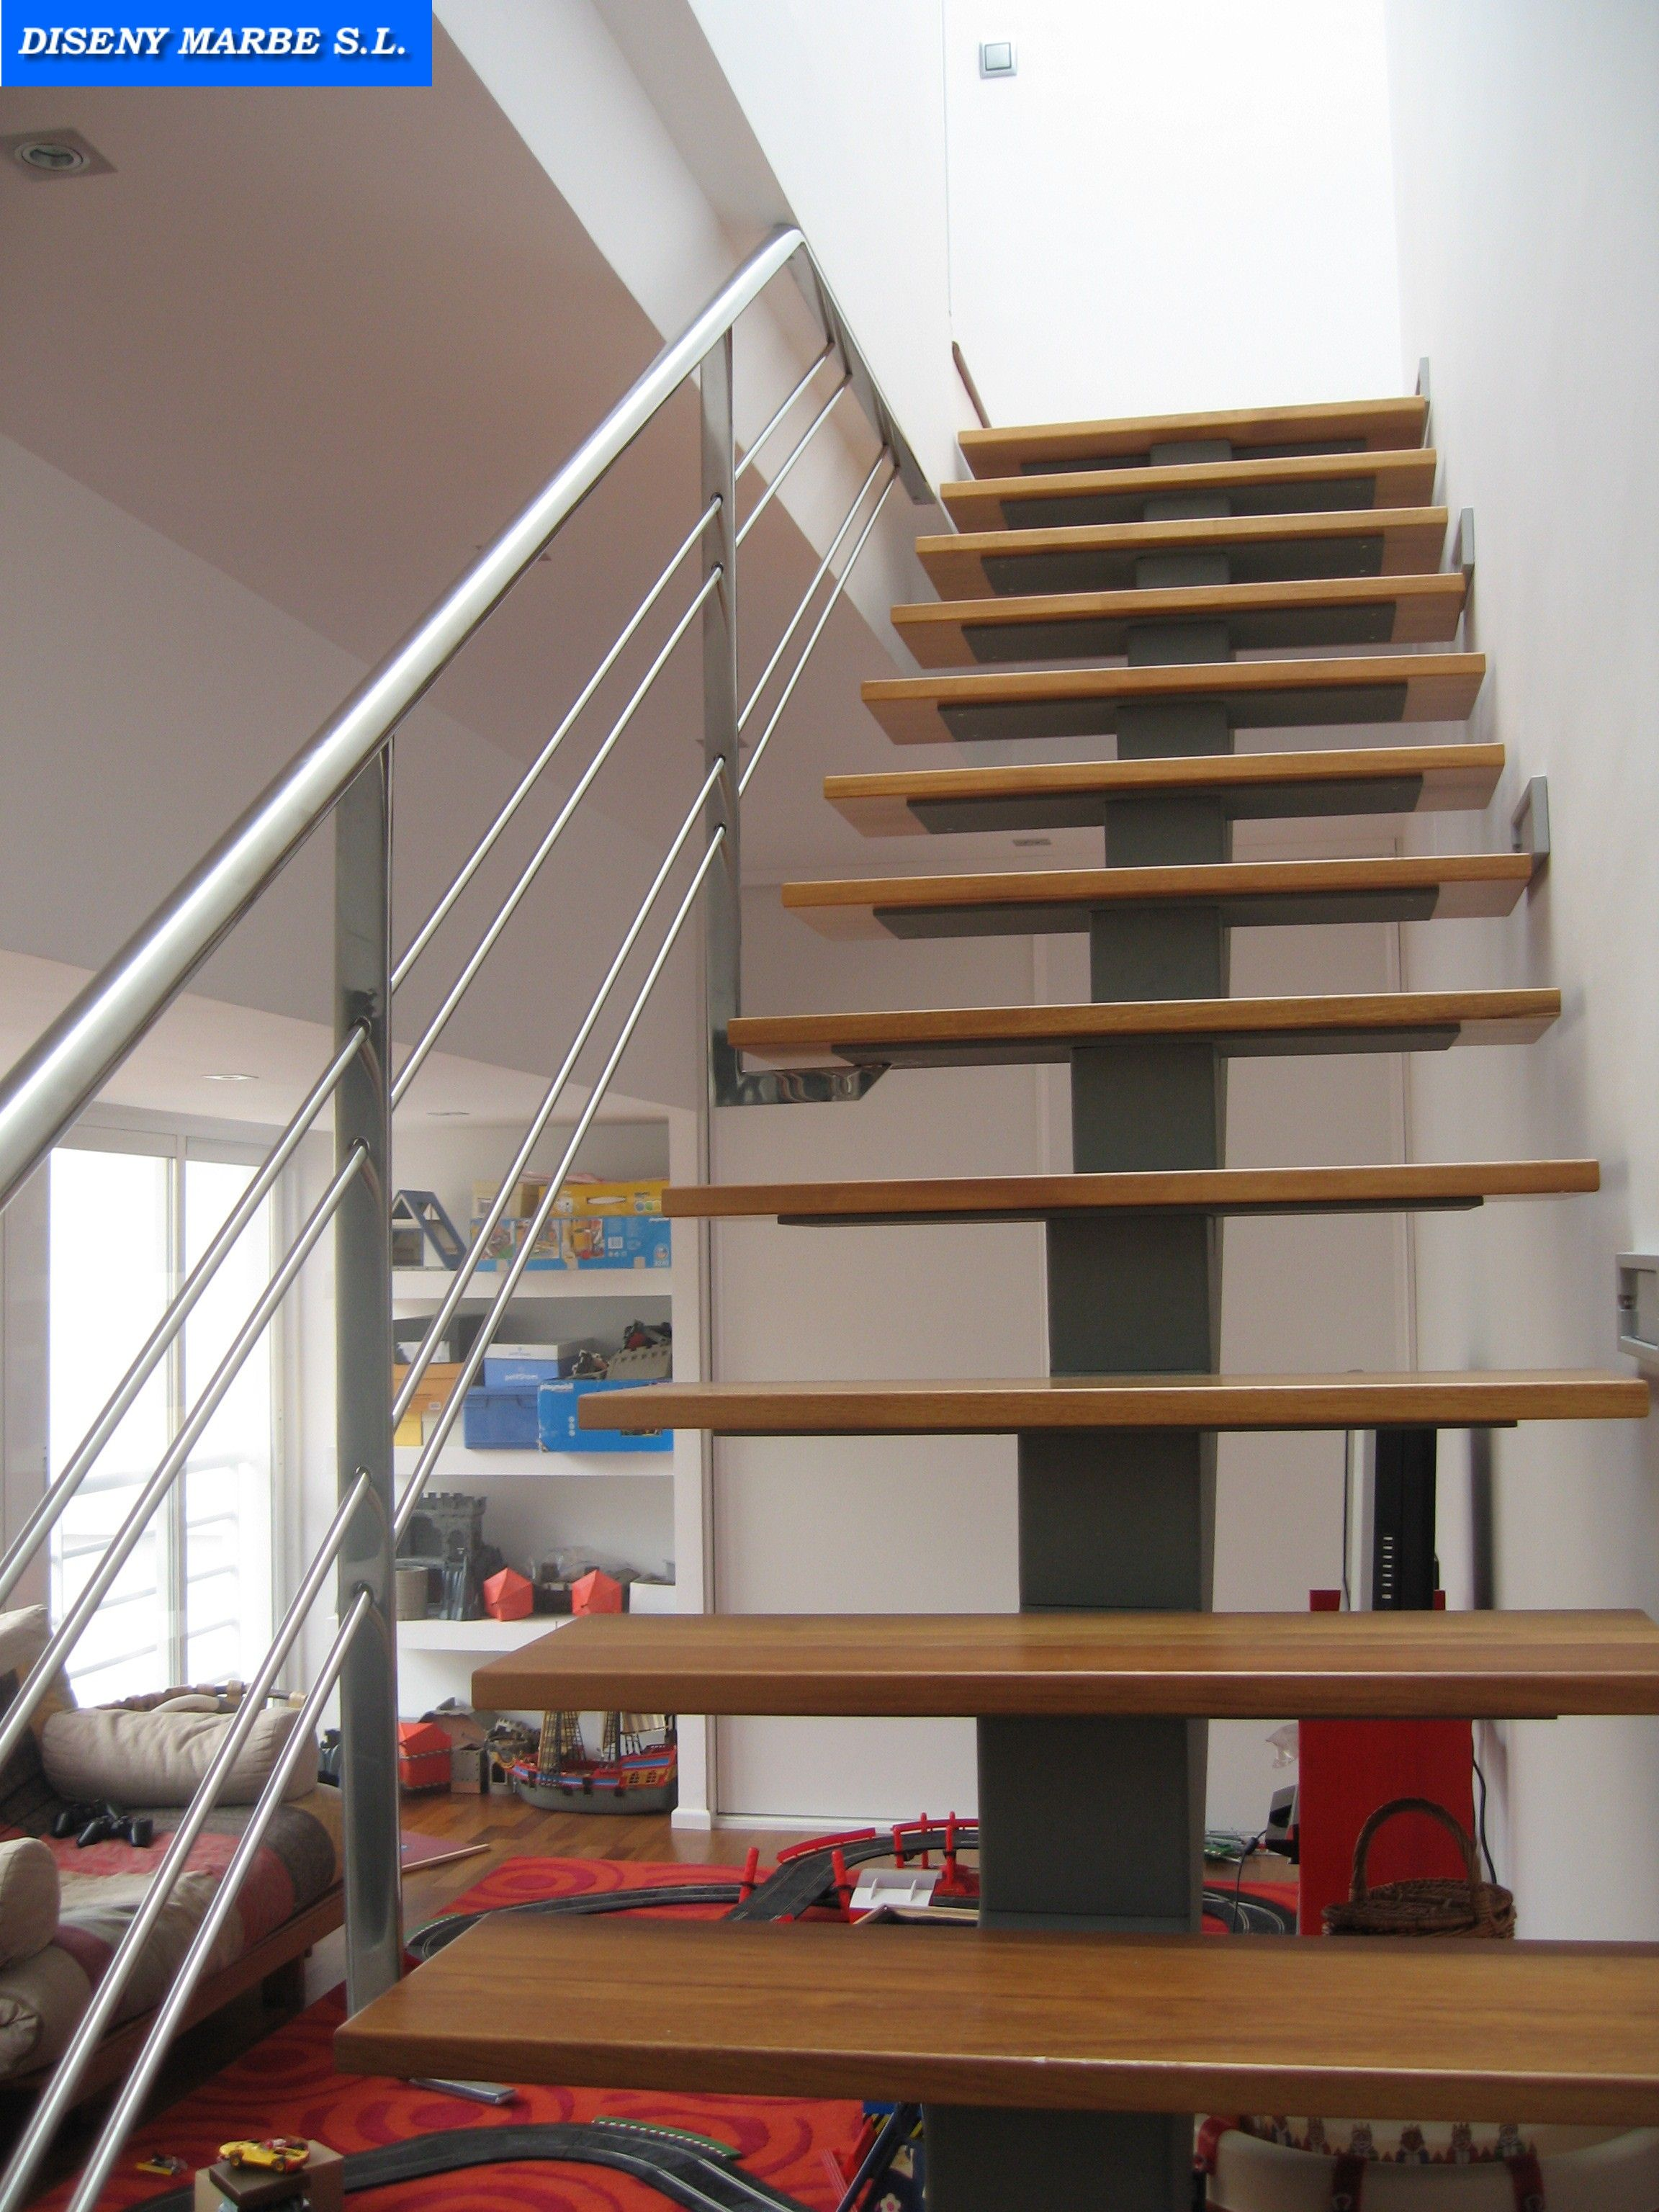 Barandilla escalera de acero inoxidable pasamano redondo for Barandas de escalera